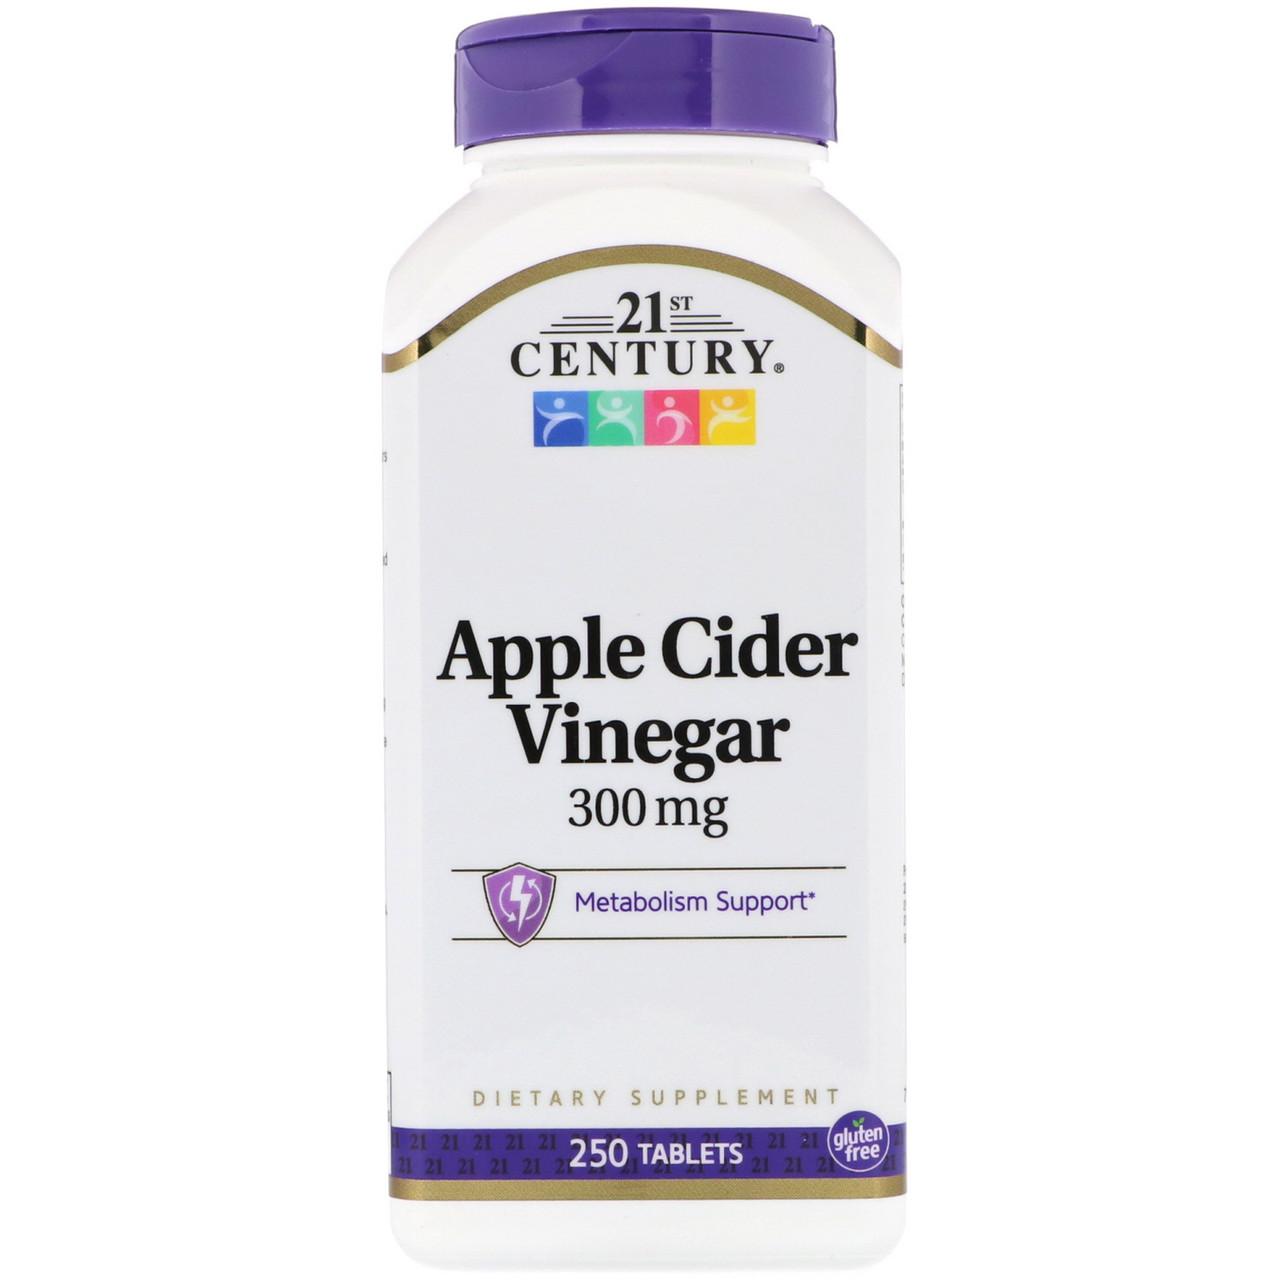 """Яблочный уксус 21st Century """"Apple Cider Vinegar"""" для снижения веса, 300 мг (250 таблеток)"""